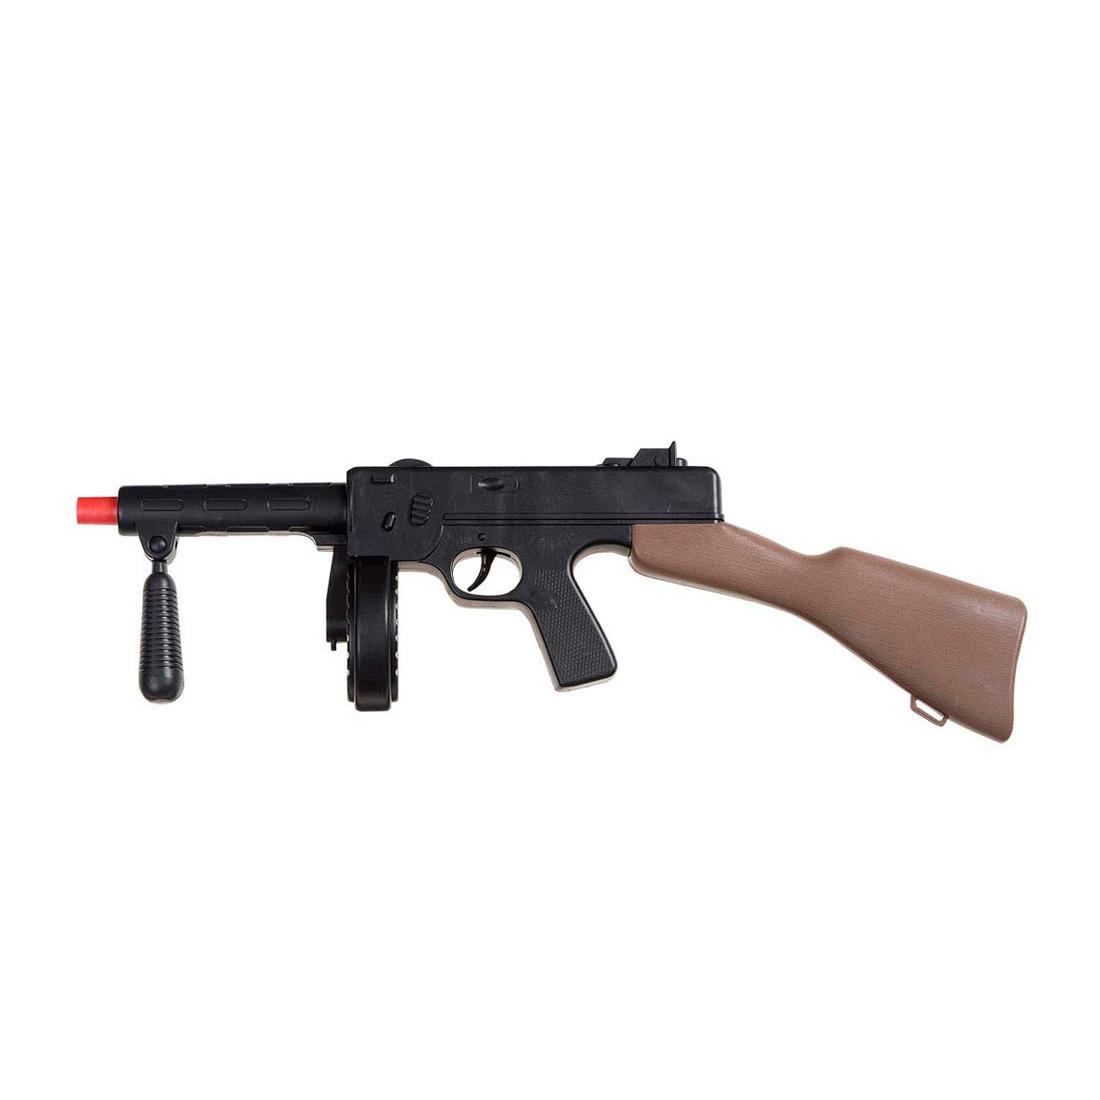 gangster maschinengewehr mit sound mafia waffe gewehr. Black Bedroom Furniture Sets. Home Design Ideas